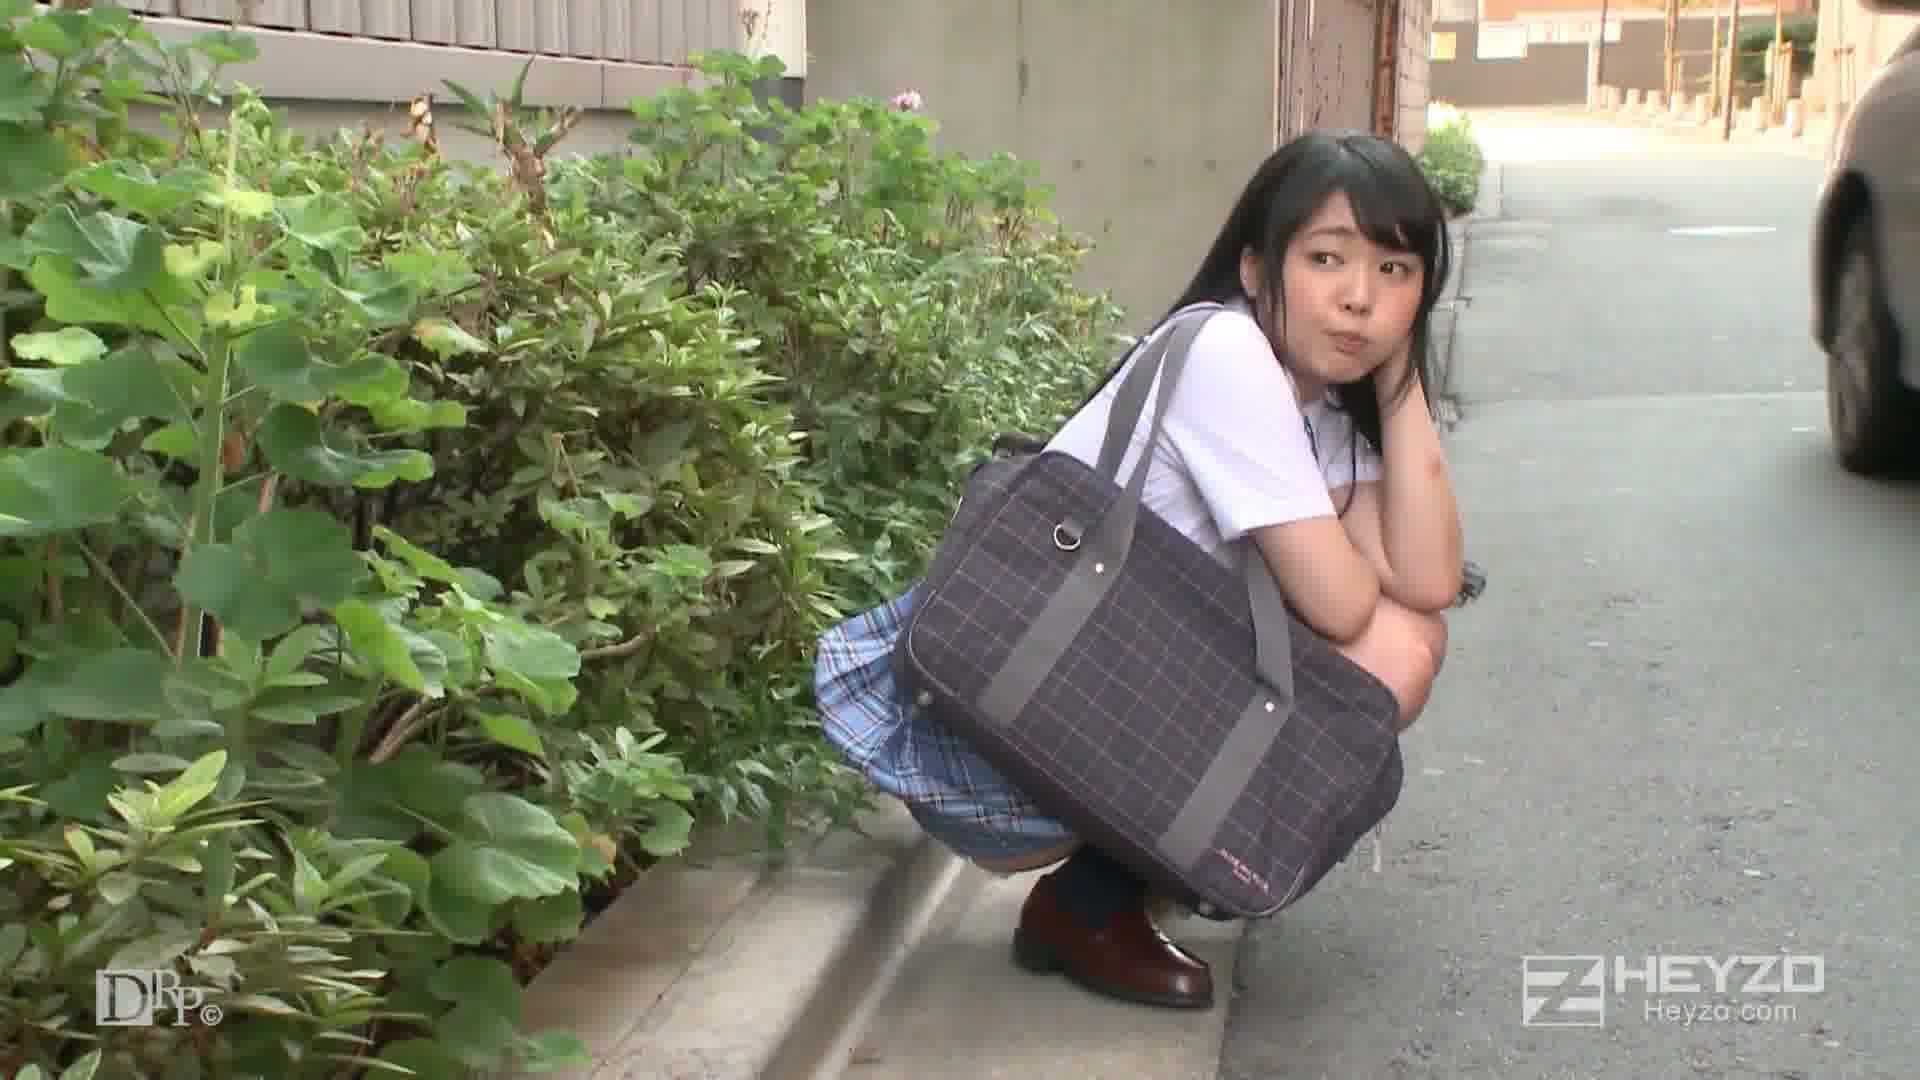 いまどきのニート女子~出会い系で変態プレイ!?~ - 川西ゆき【カラミ開始 おしっこ】